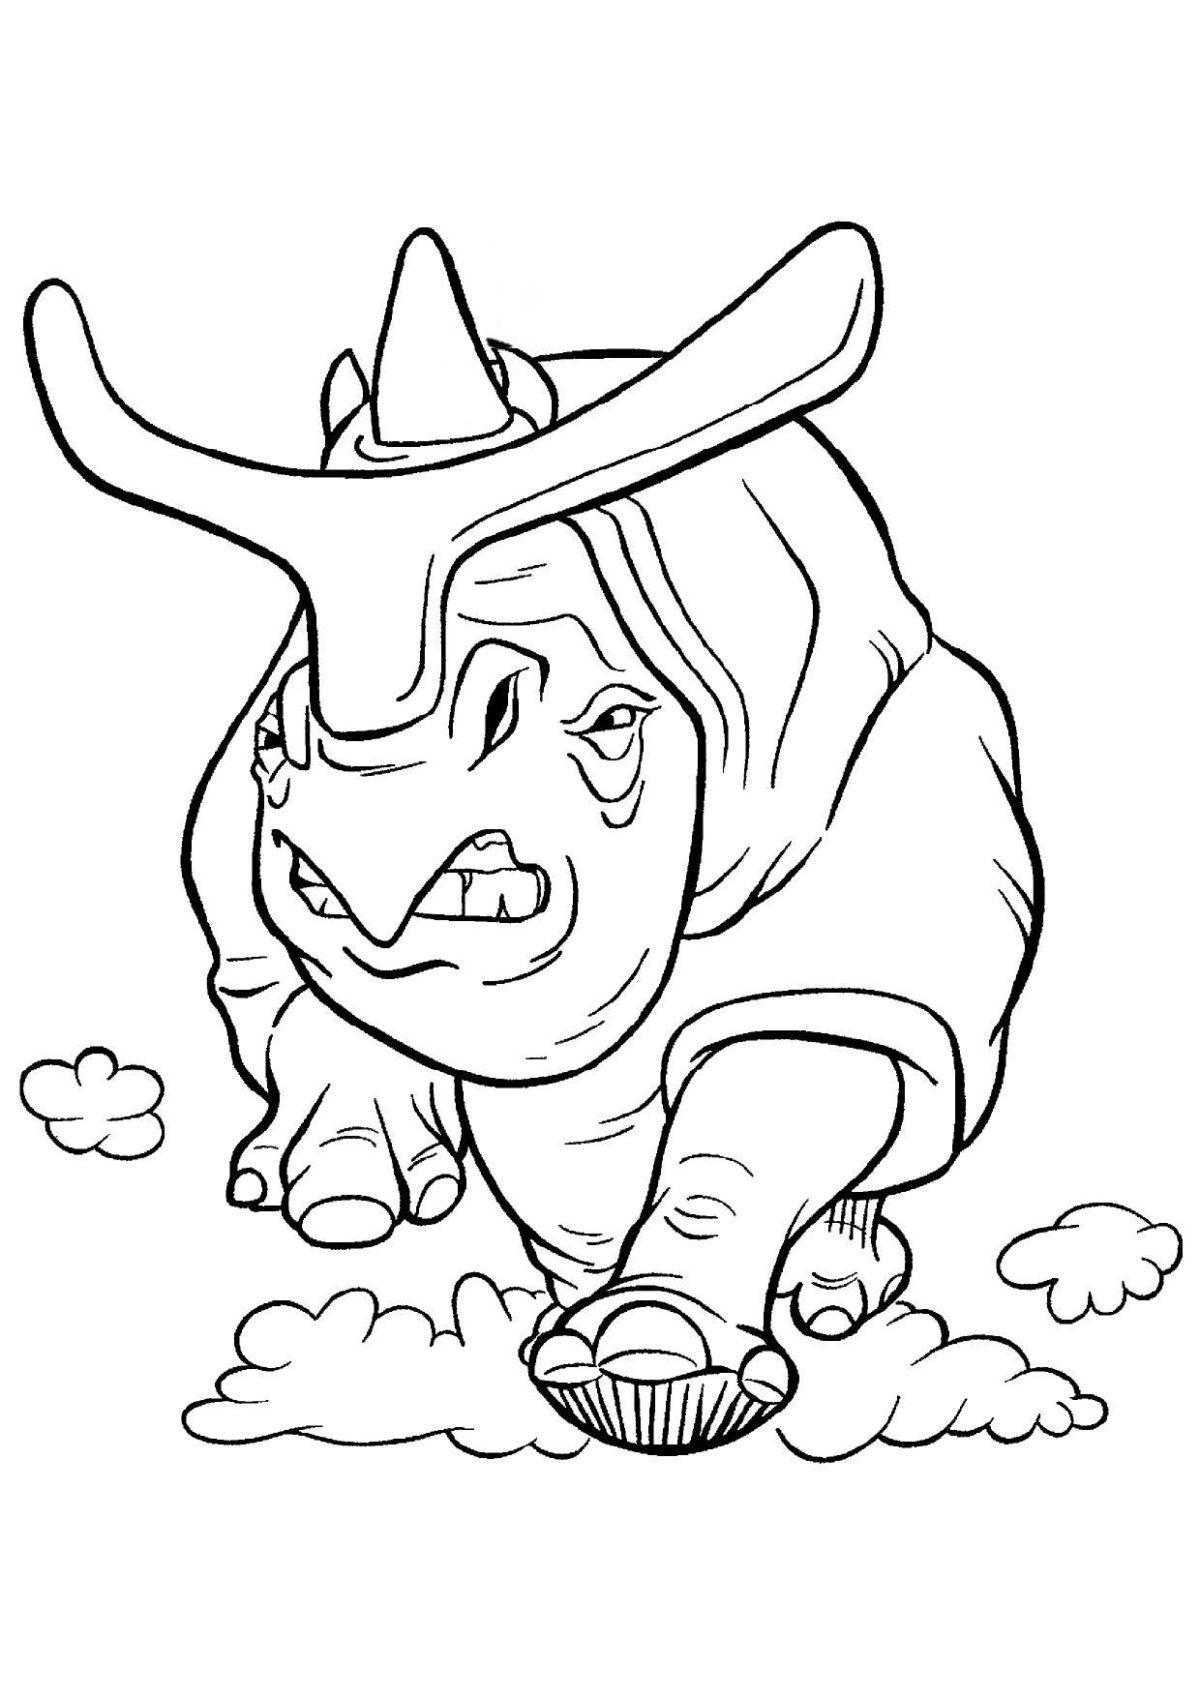 Носорог в погоне - Картинка для раскрашивания красками-гуашью